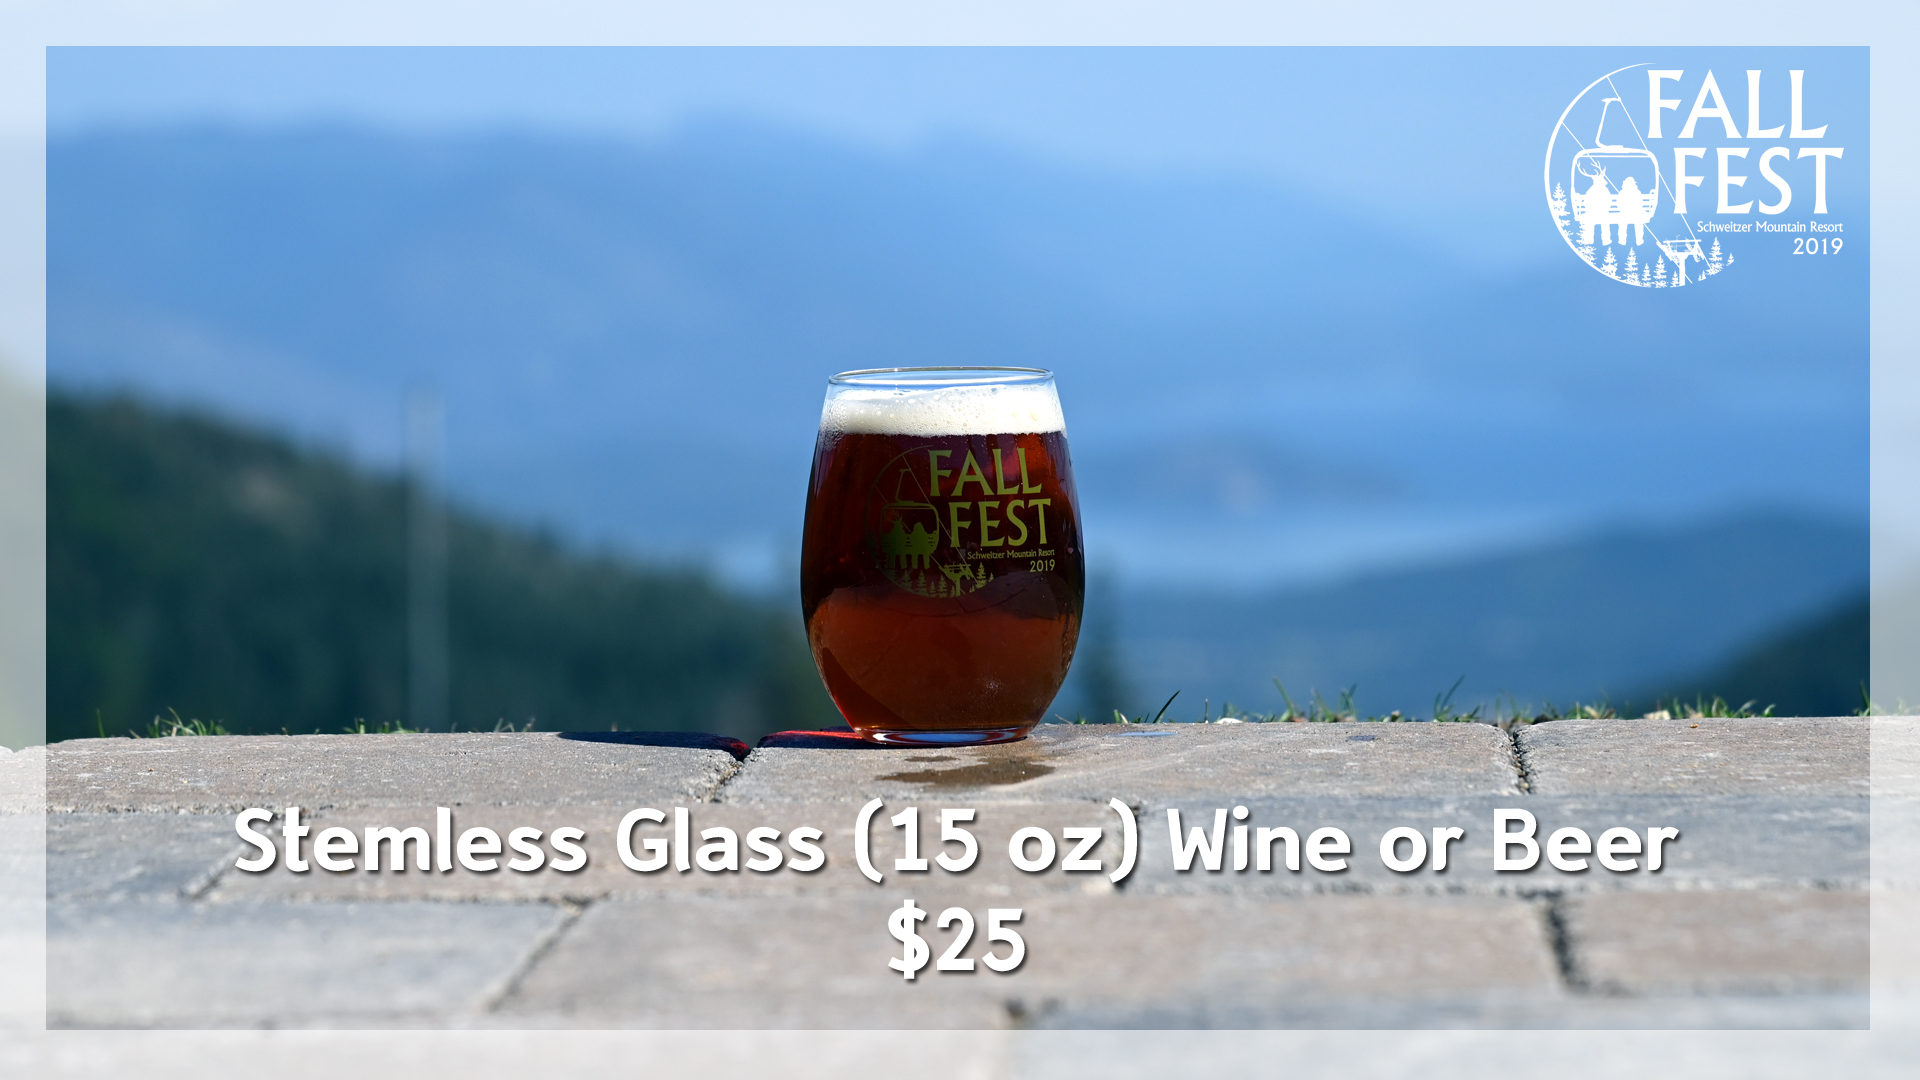 Fall Fest Stemless Glass